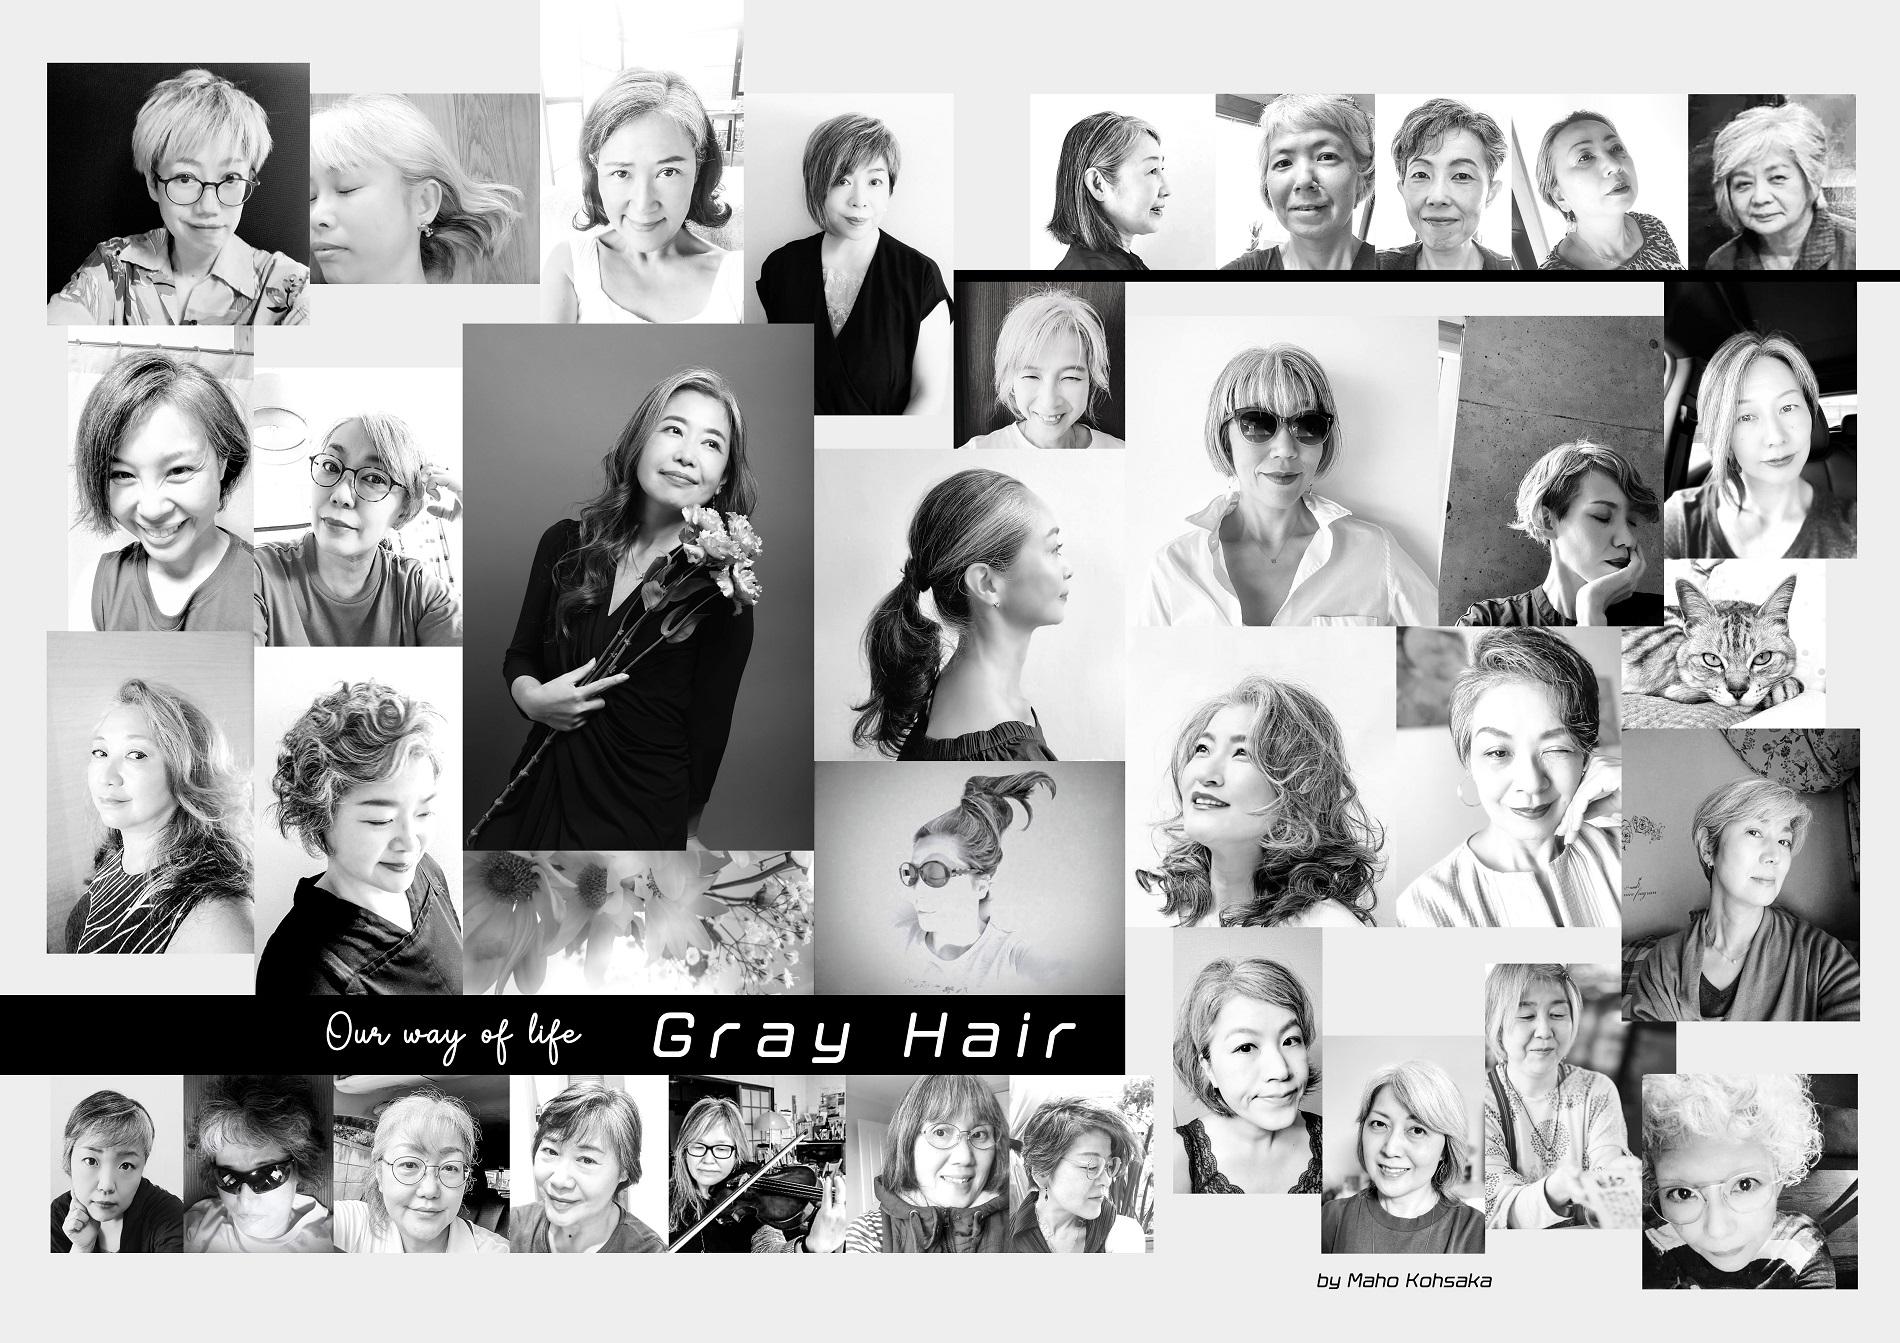 グレイヘアにしたい女性と 美容業界をつないでいきます